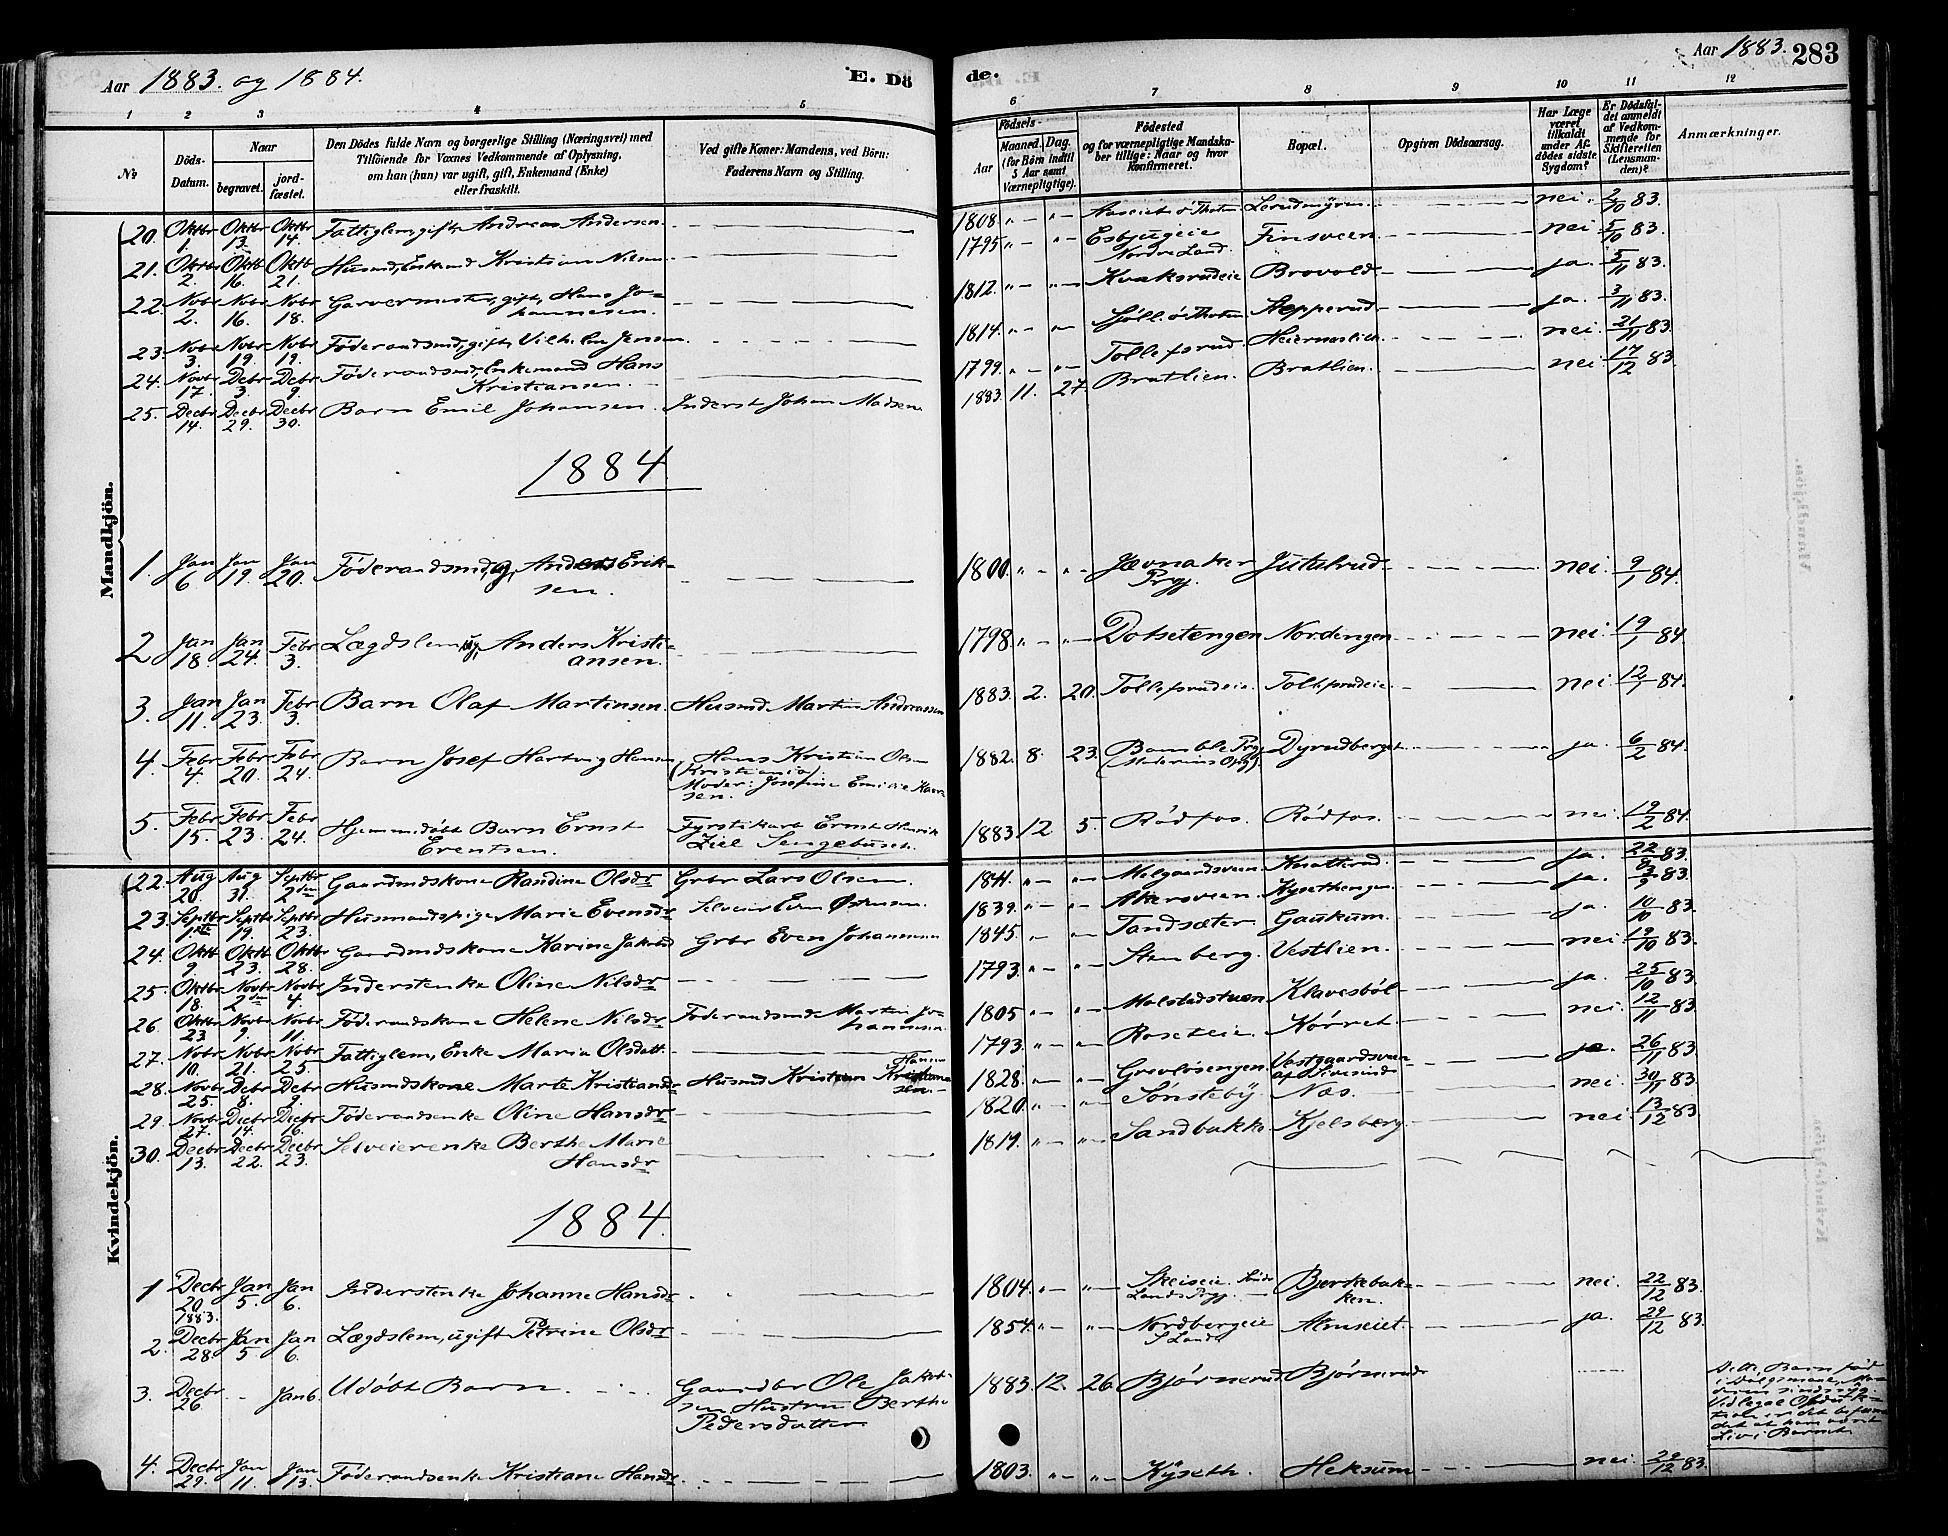 SAH, Vestre Toten prestekontor, Ministerialbok nr. 9, 1878-1894, s. 283